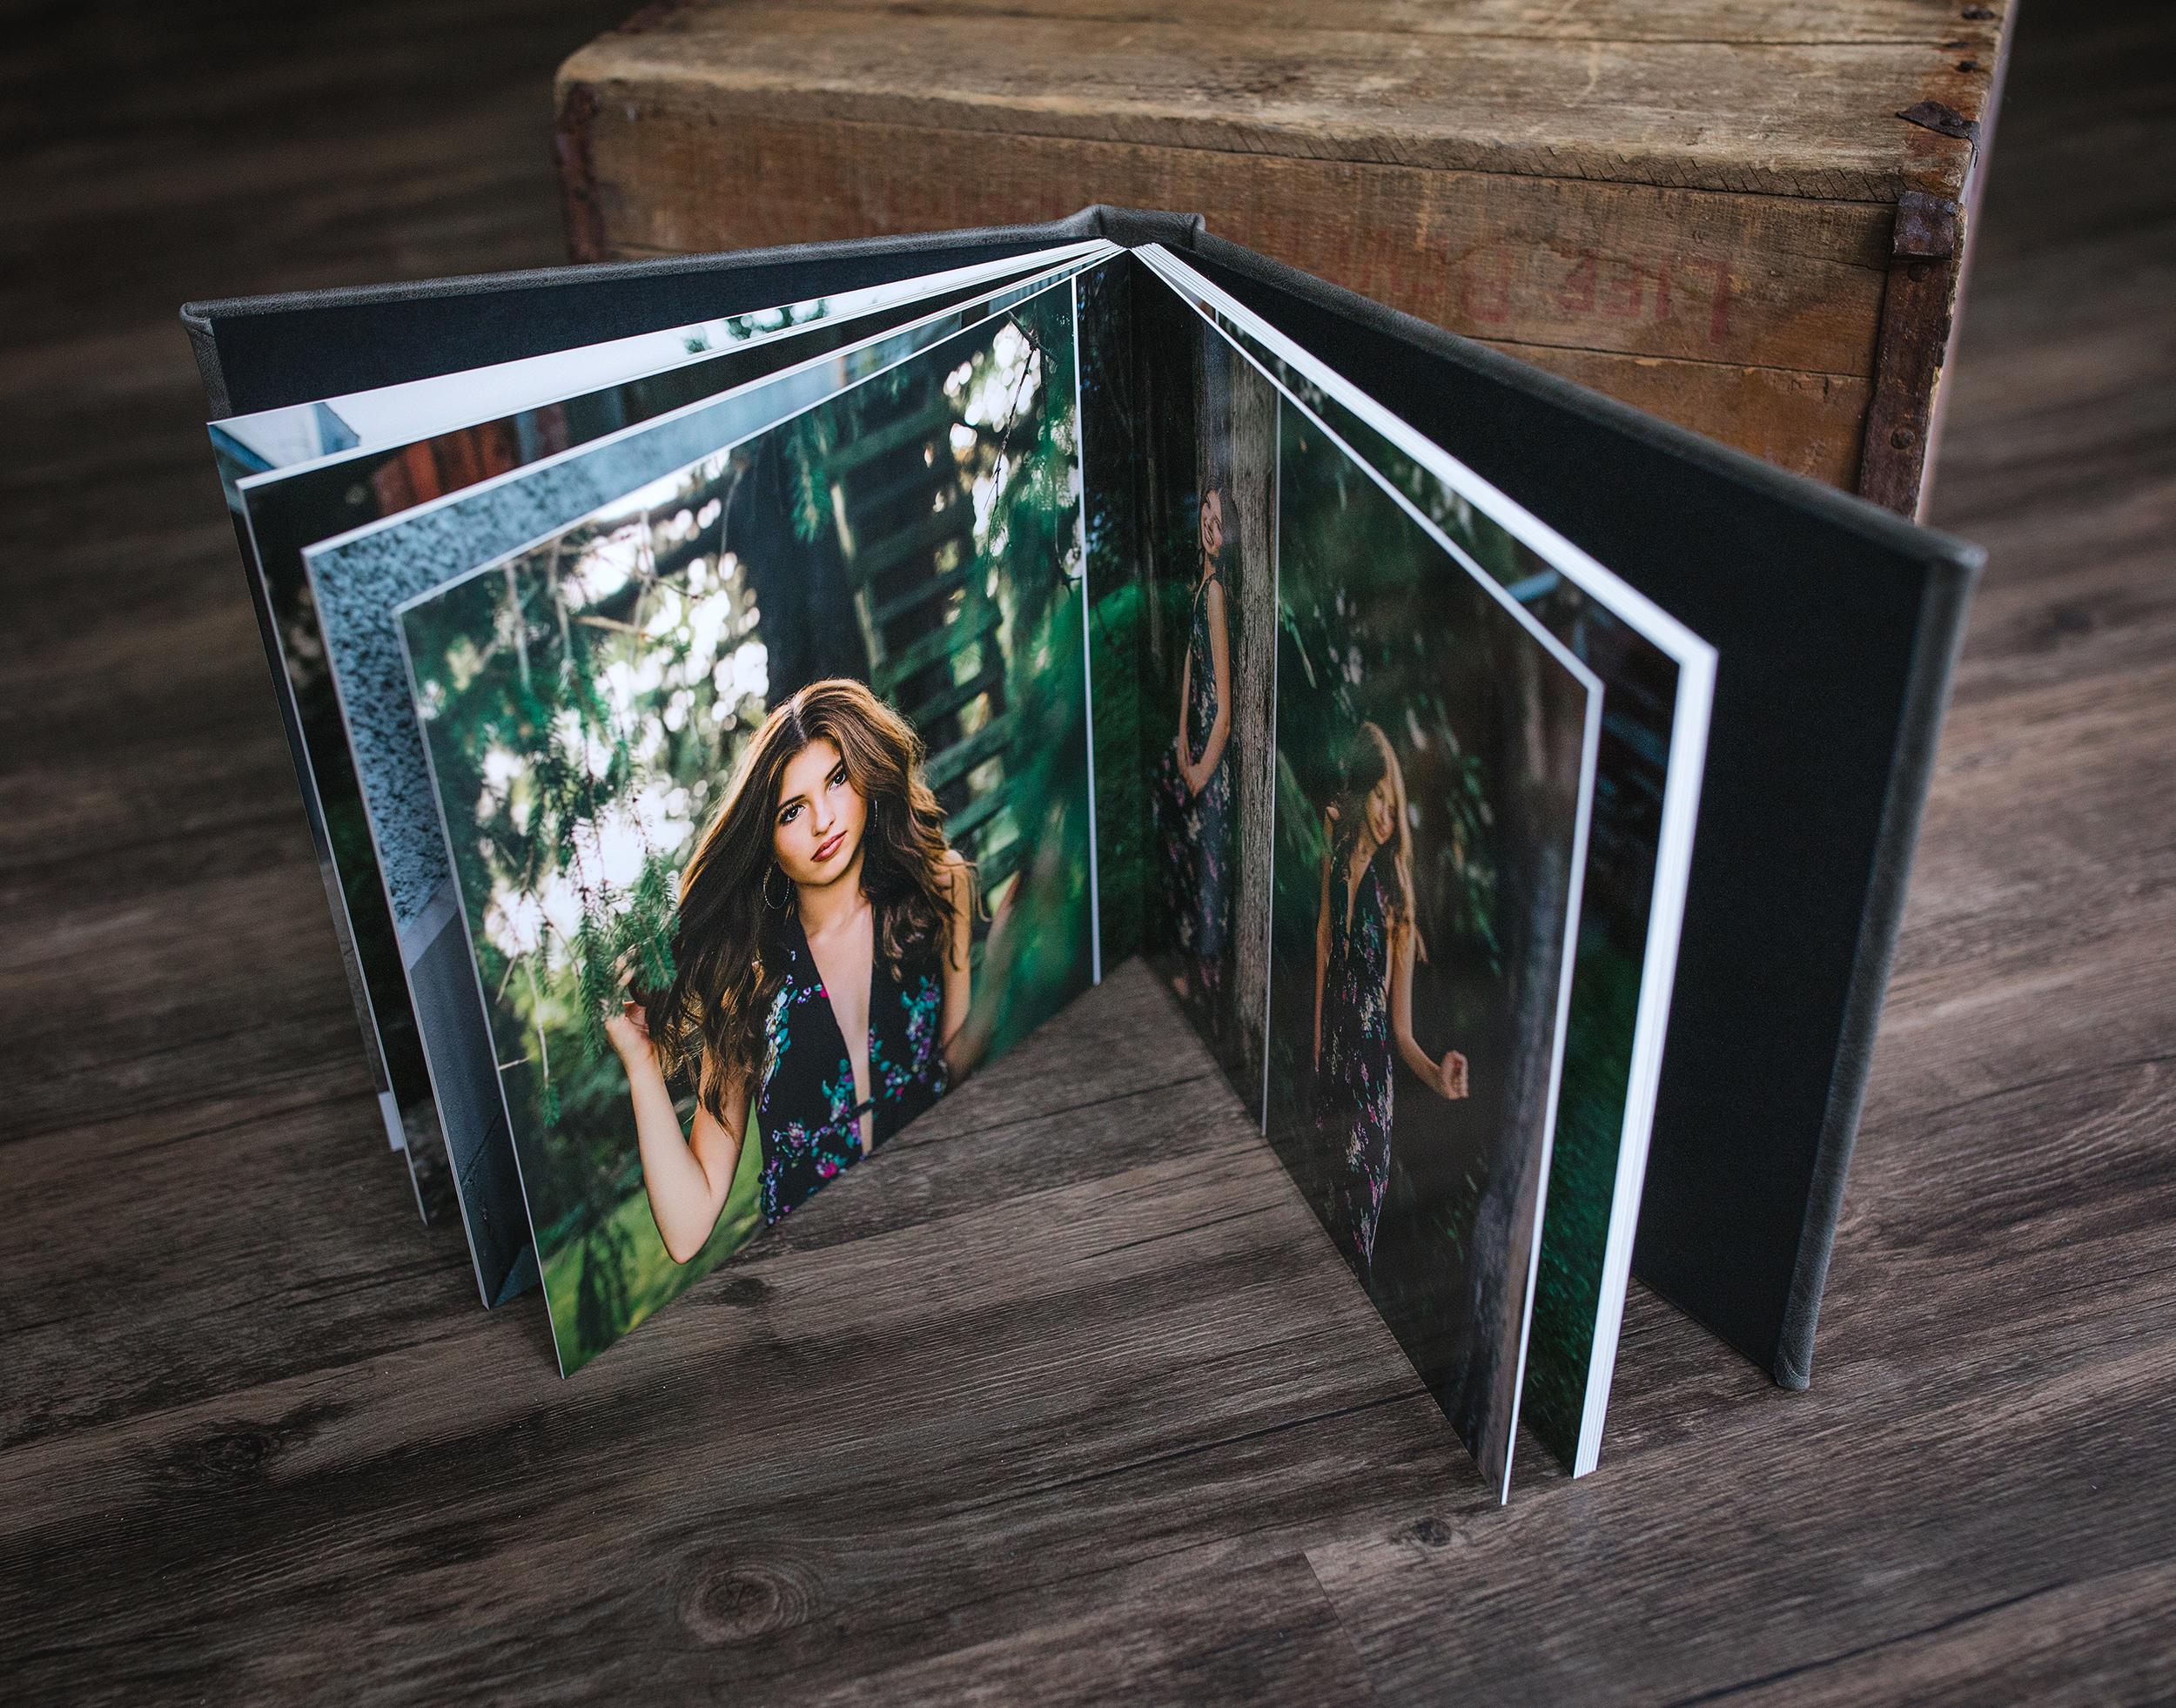 MelanieAlbumPics_003 copyb.jpg